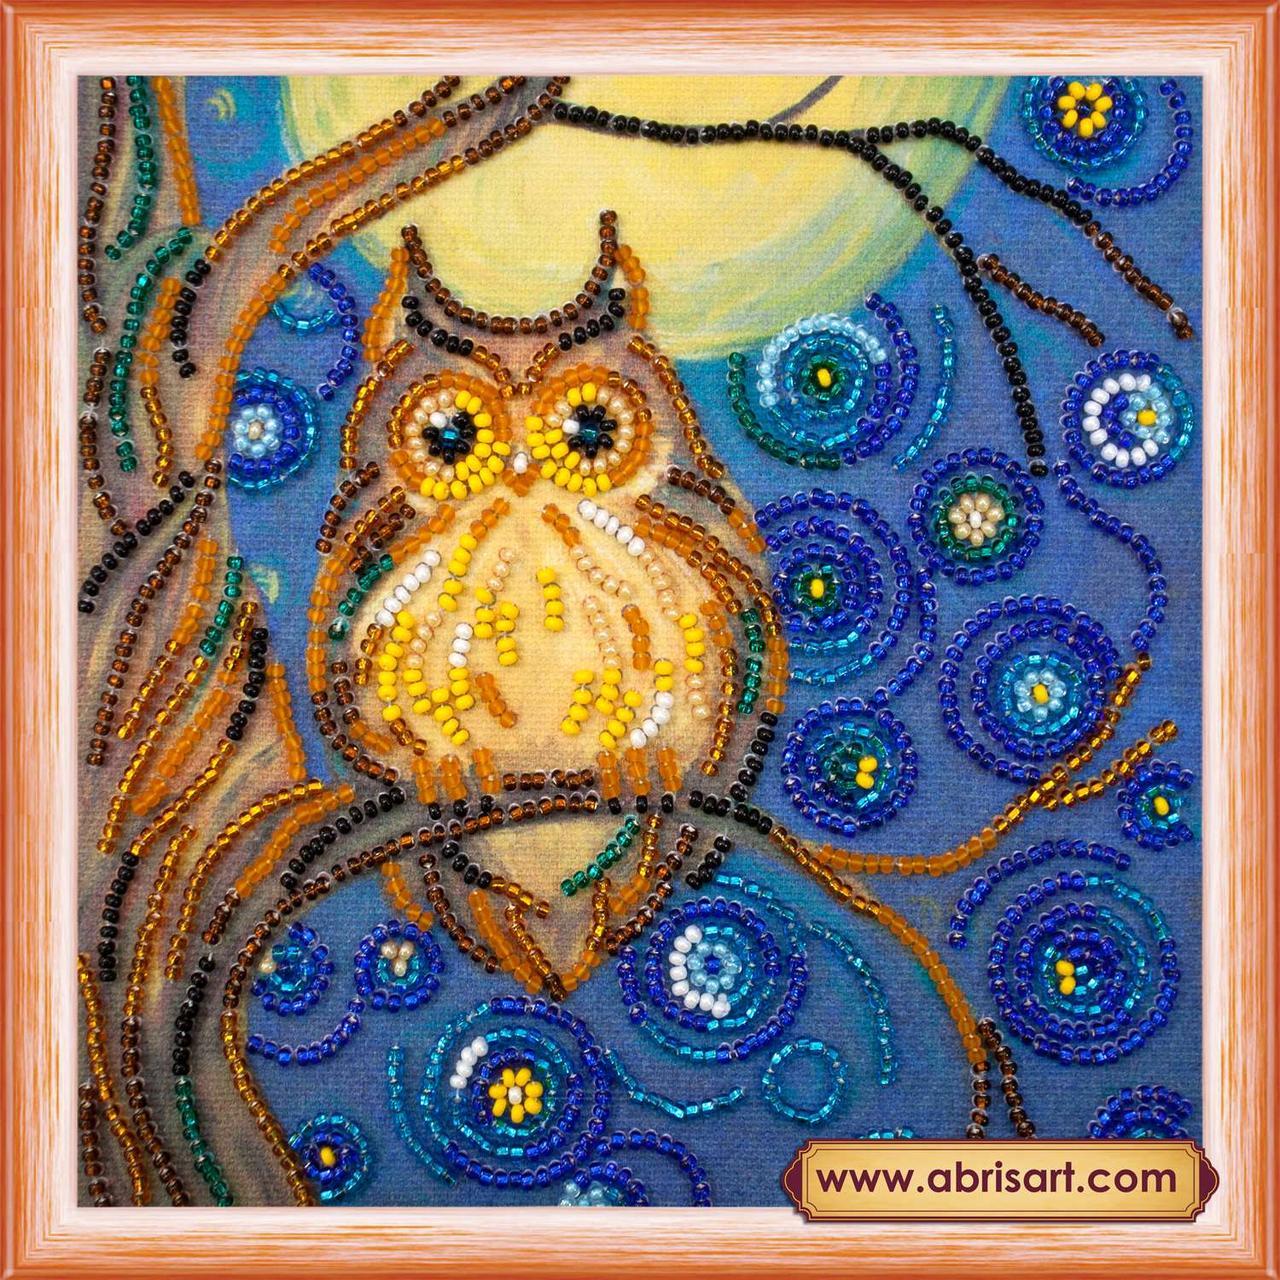 Набор для вышивки бисером ТМ АБрис Арт на натуральном художественном холсте Полуночный филин